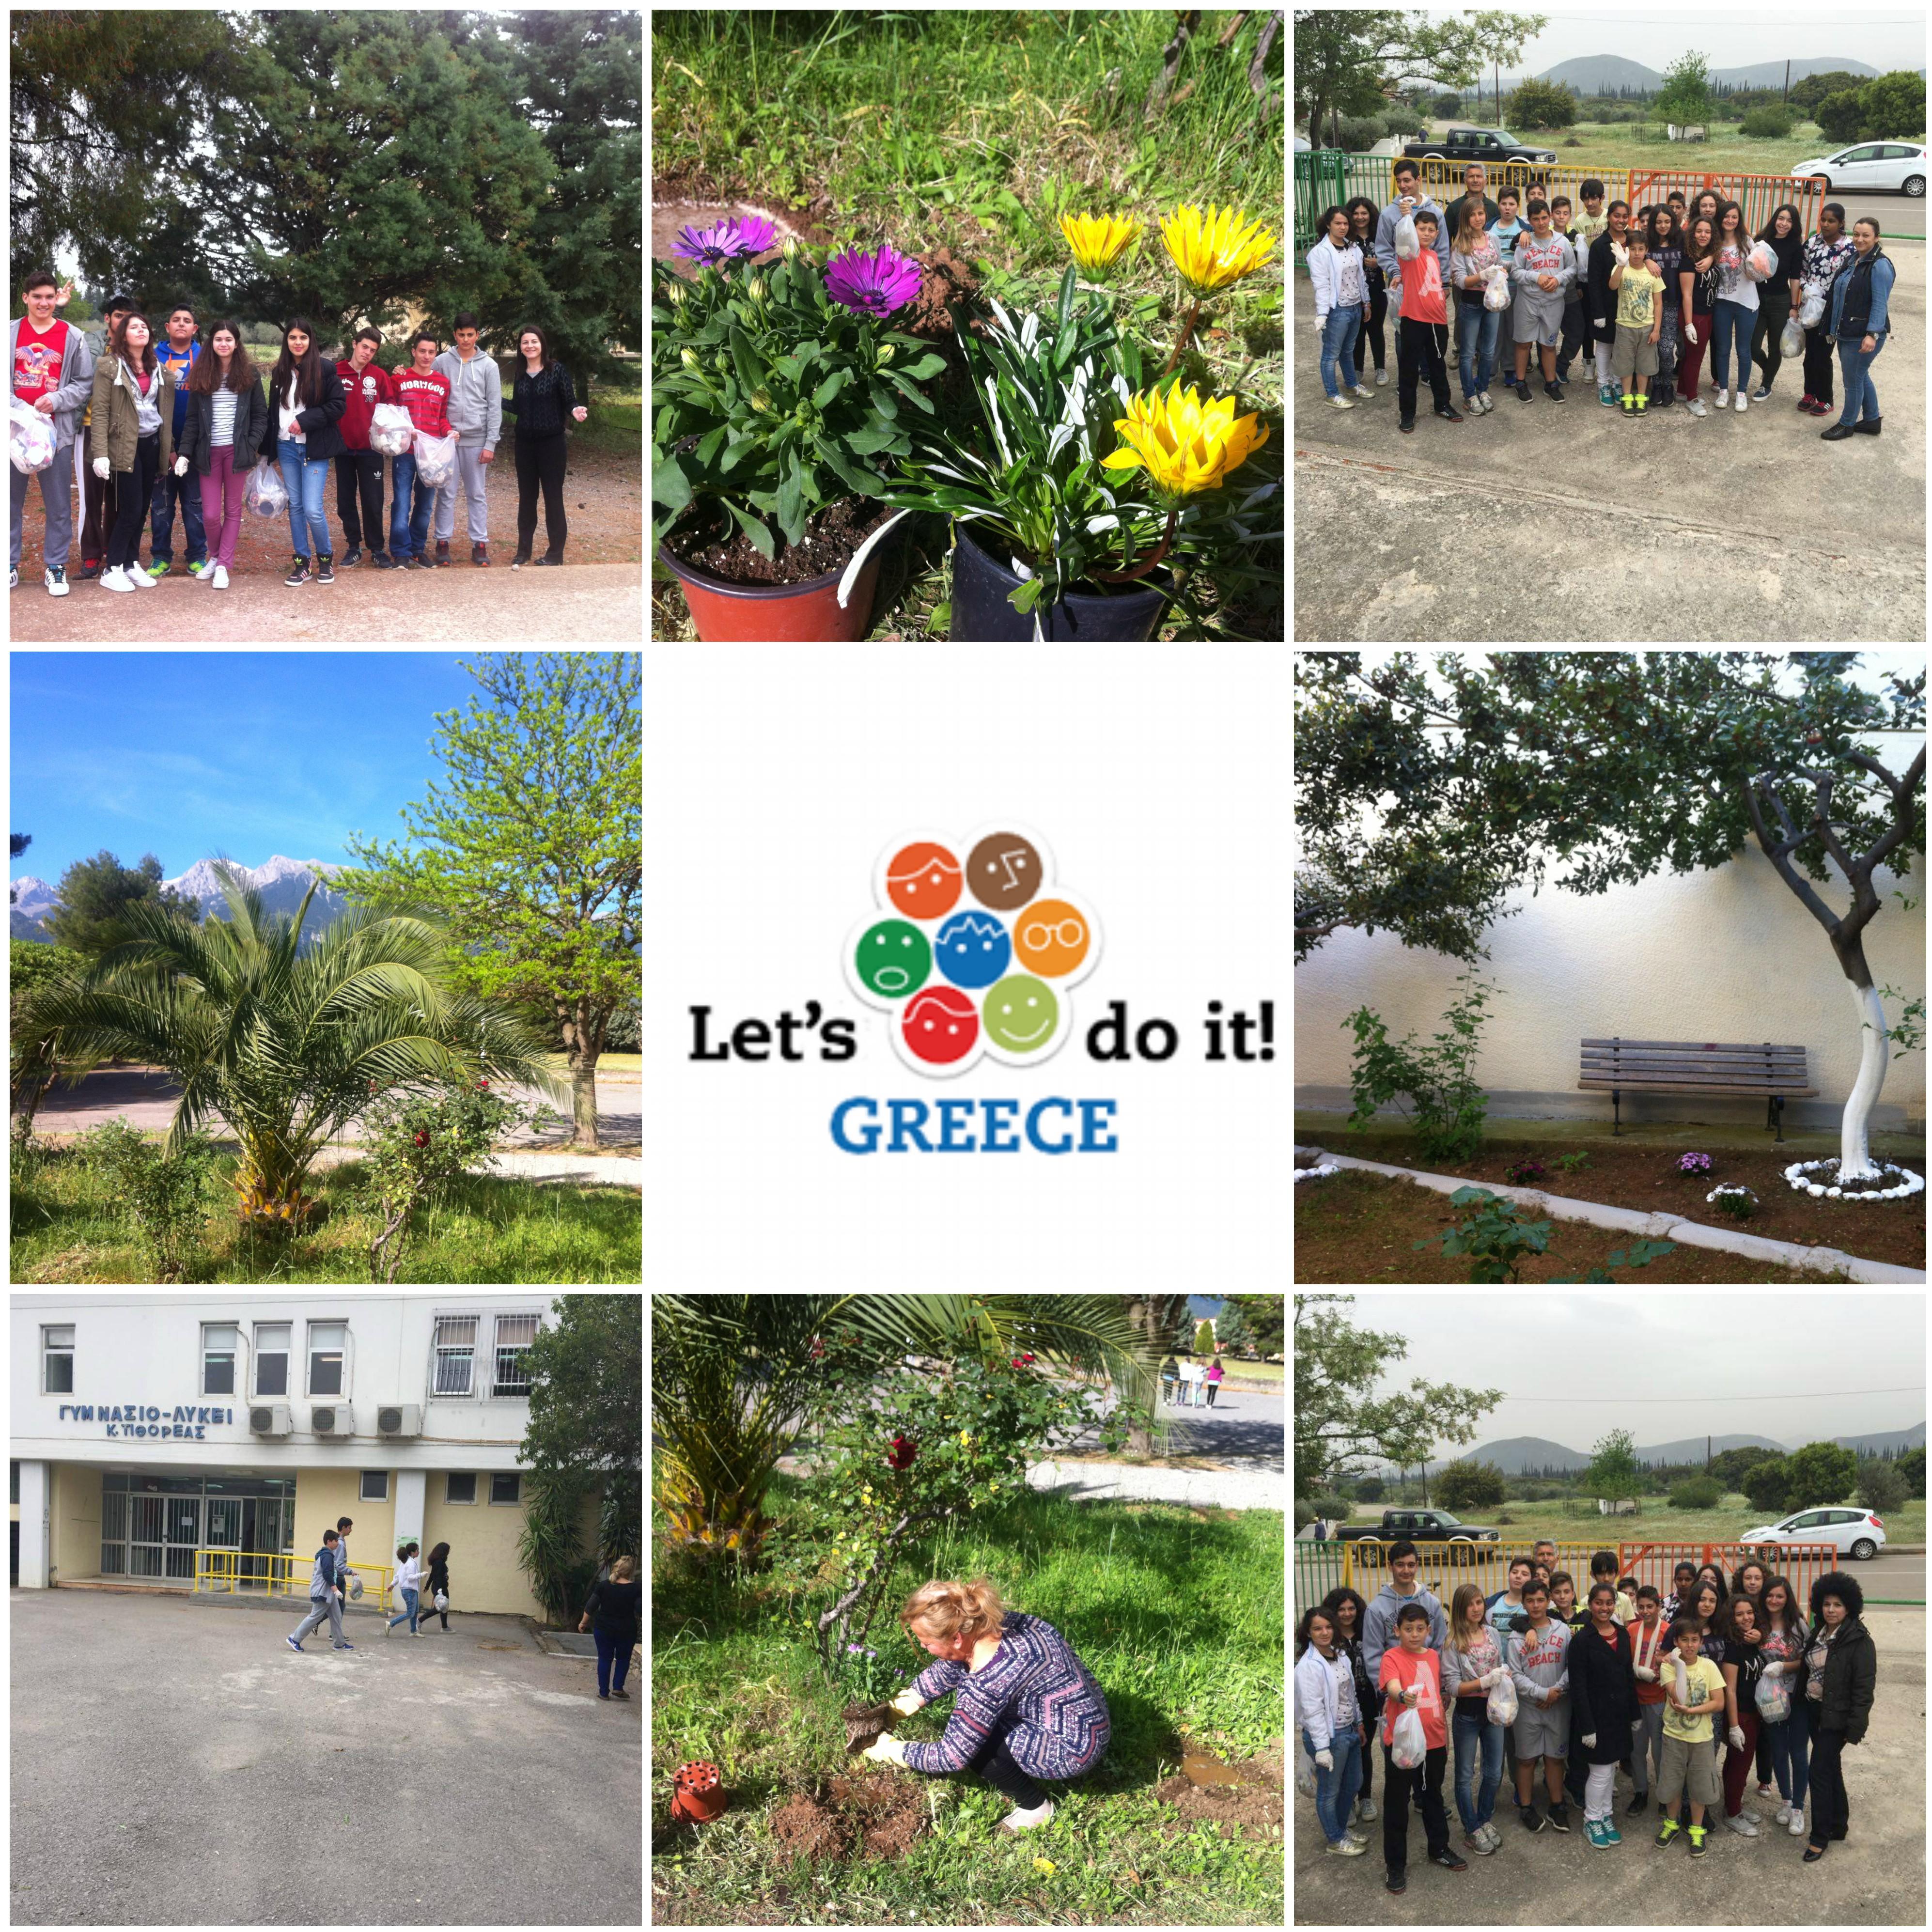 letsdoitlogogroup